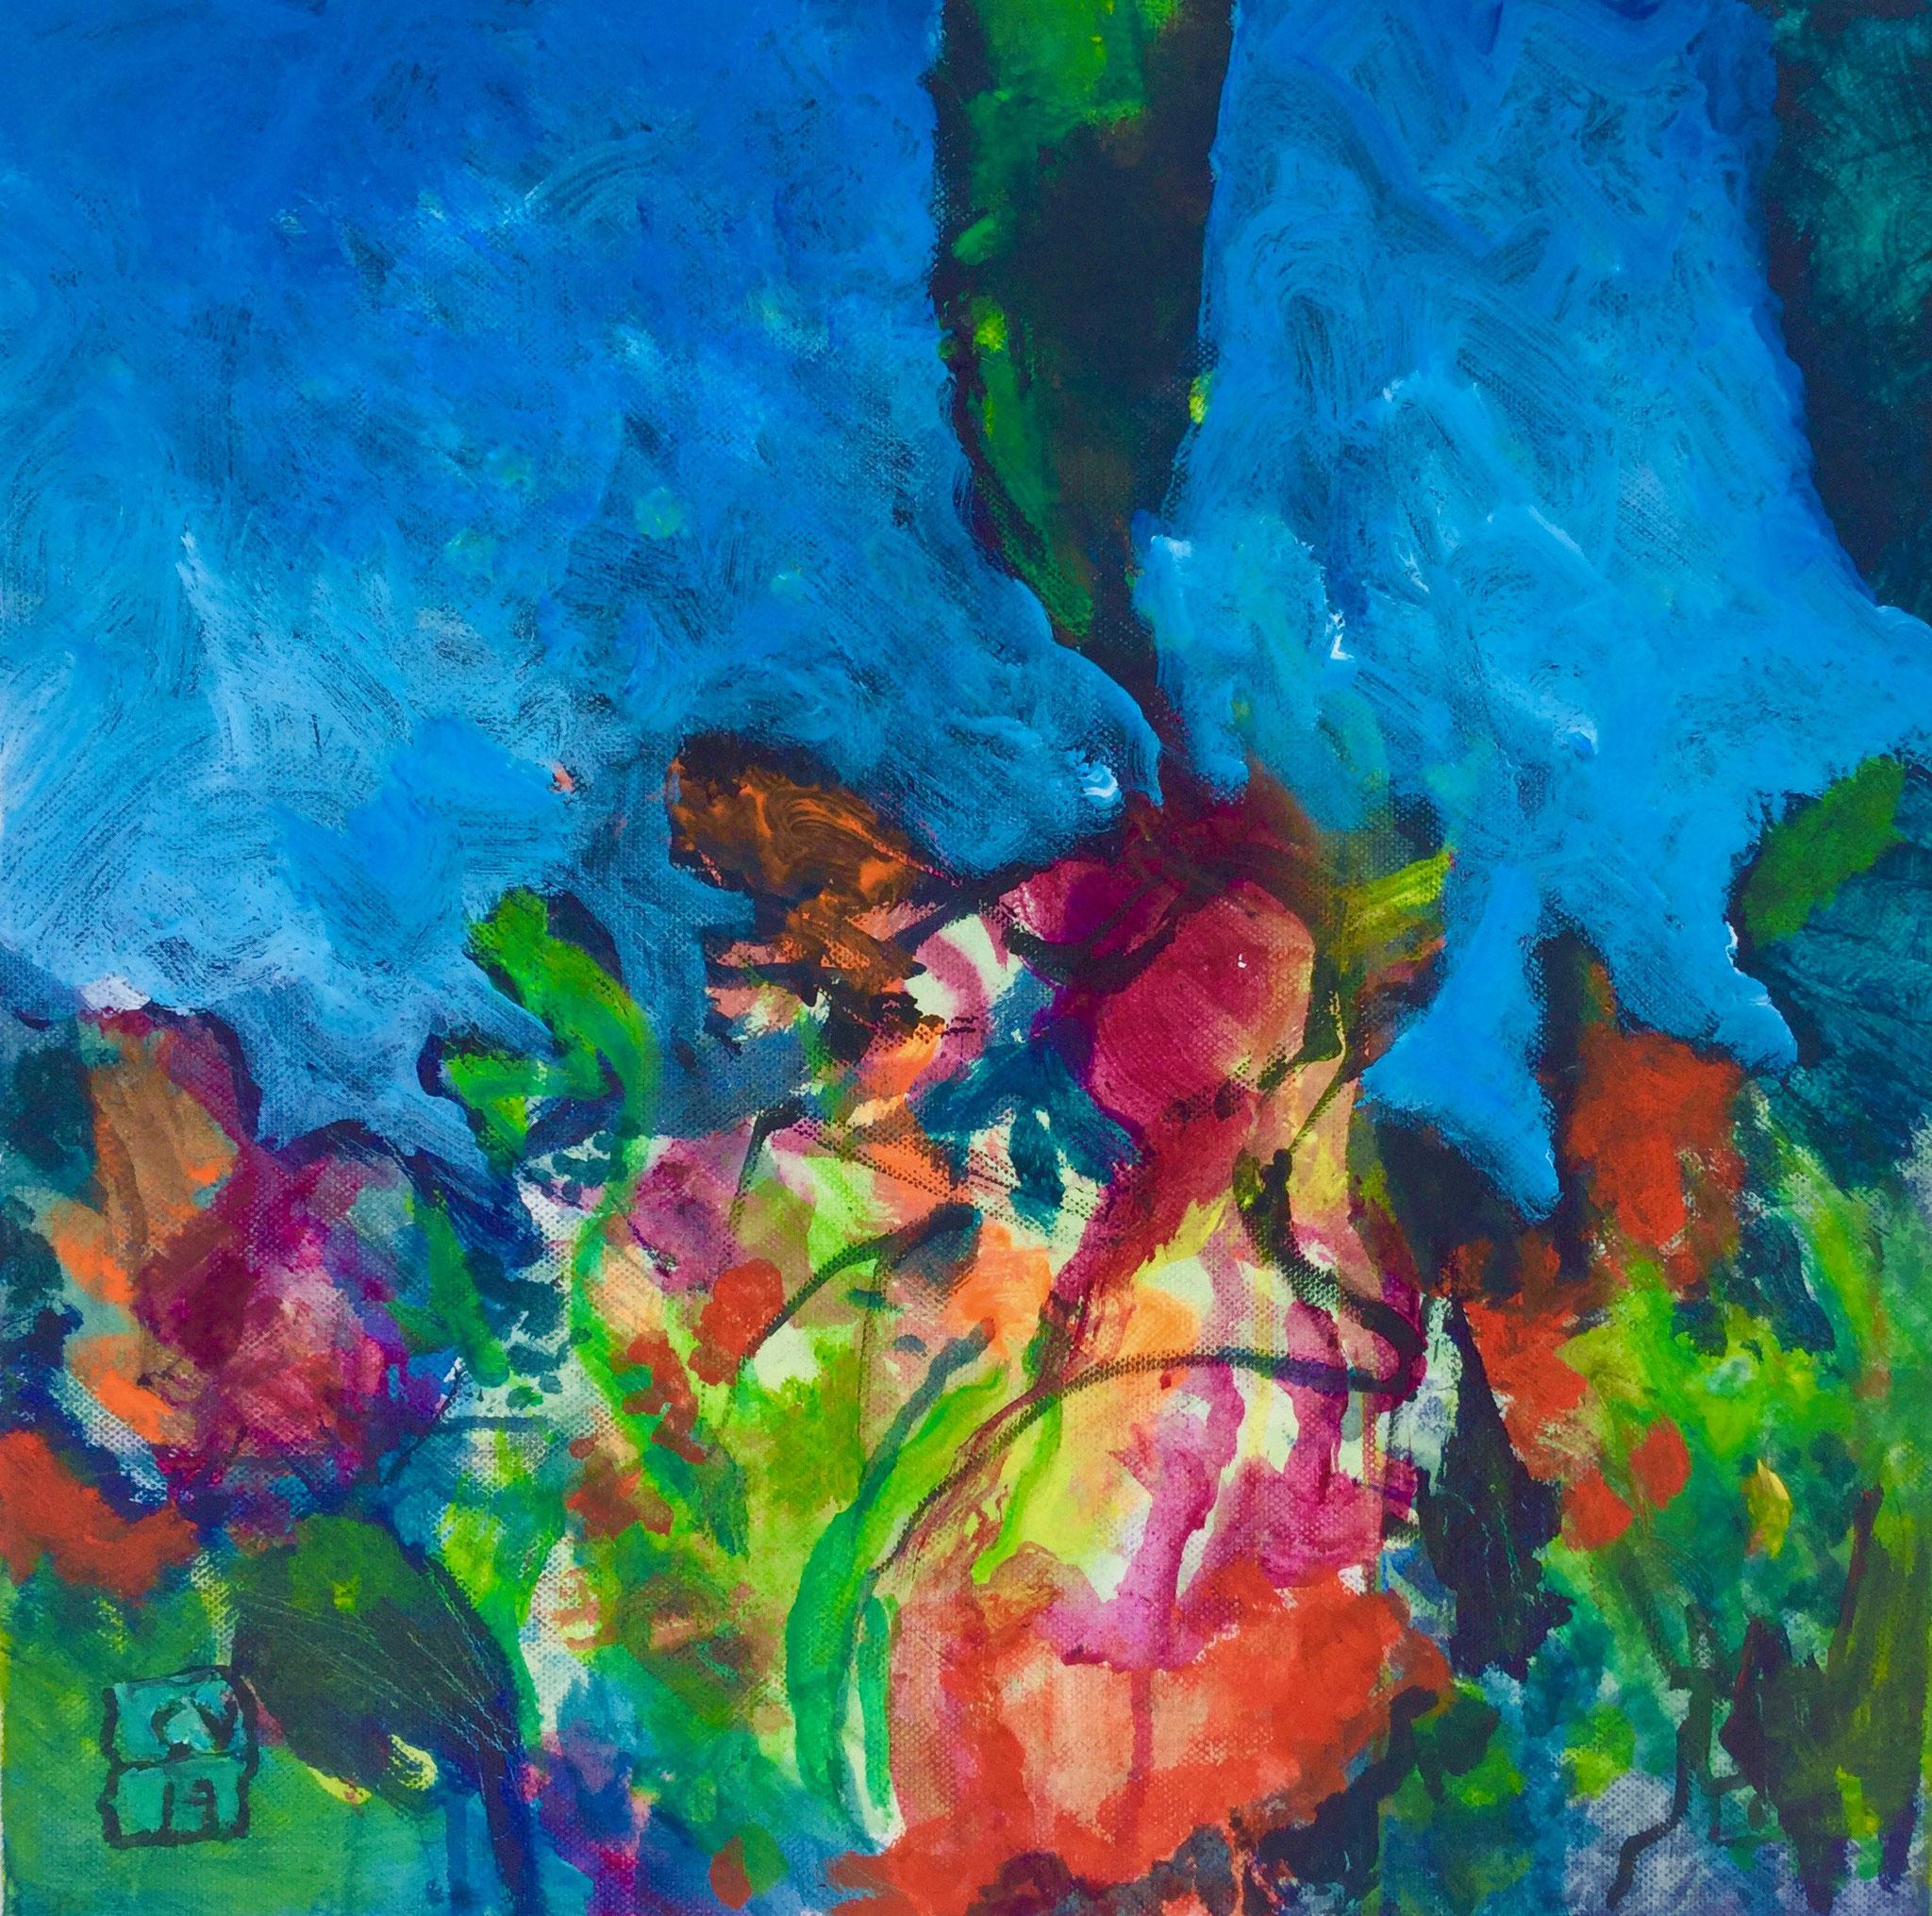 Paysage imaginé - 2017 - 40 x 40 cm